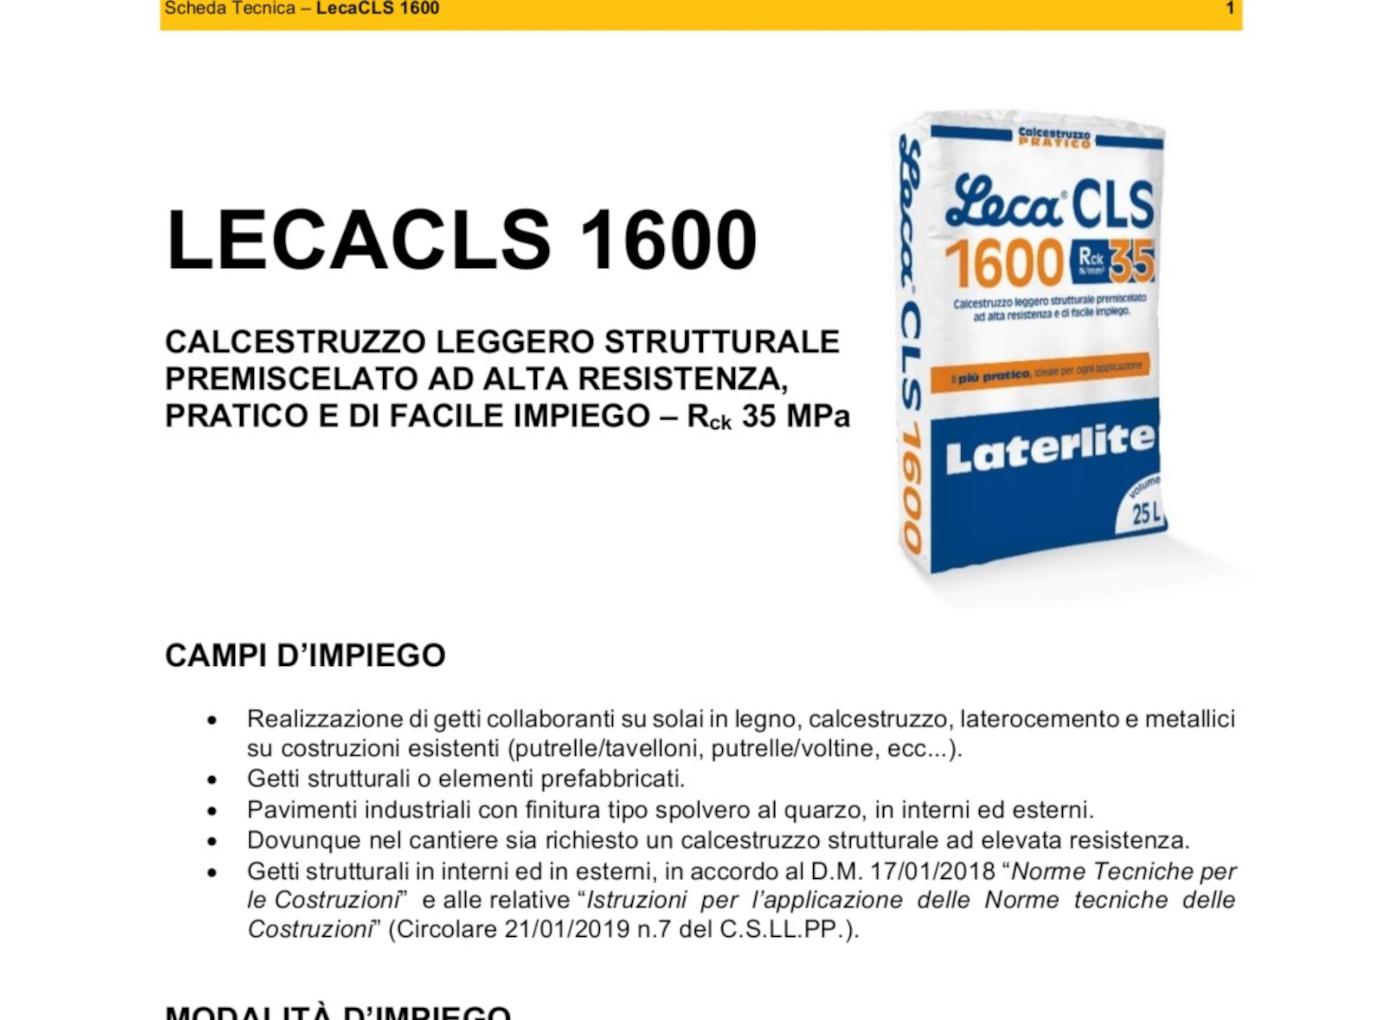 scheda-tecnica-lecacls-1600